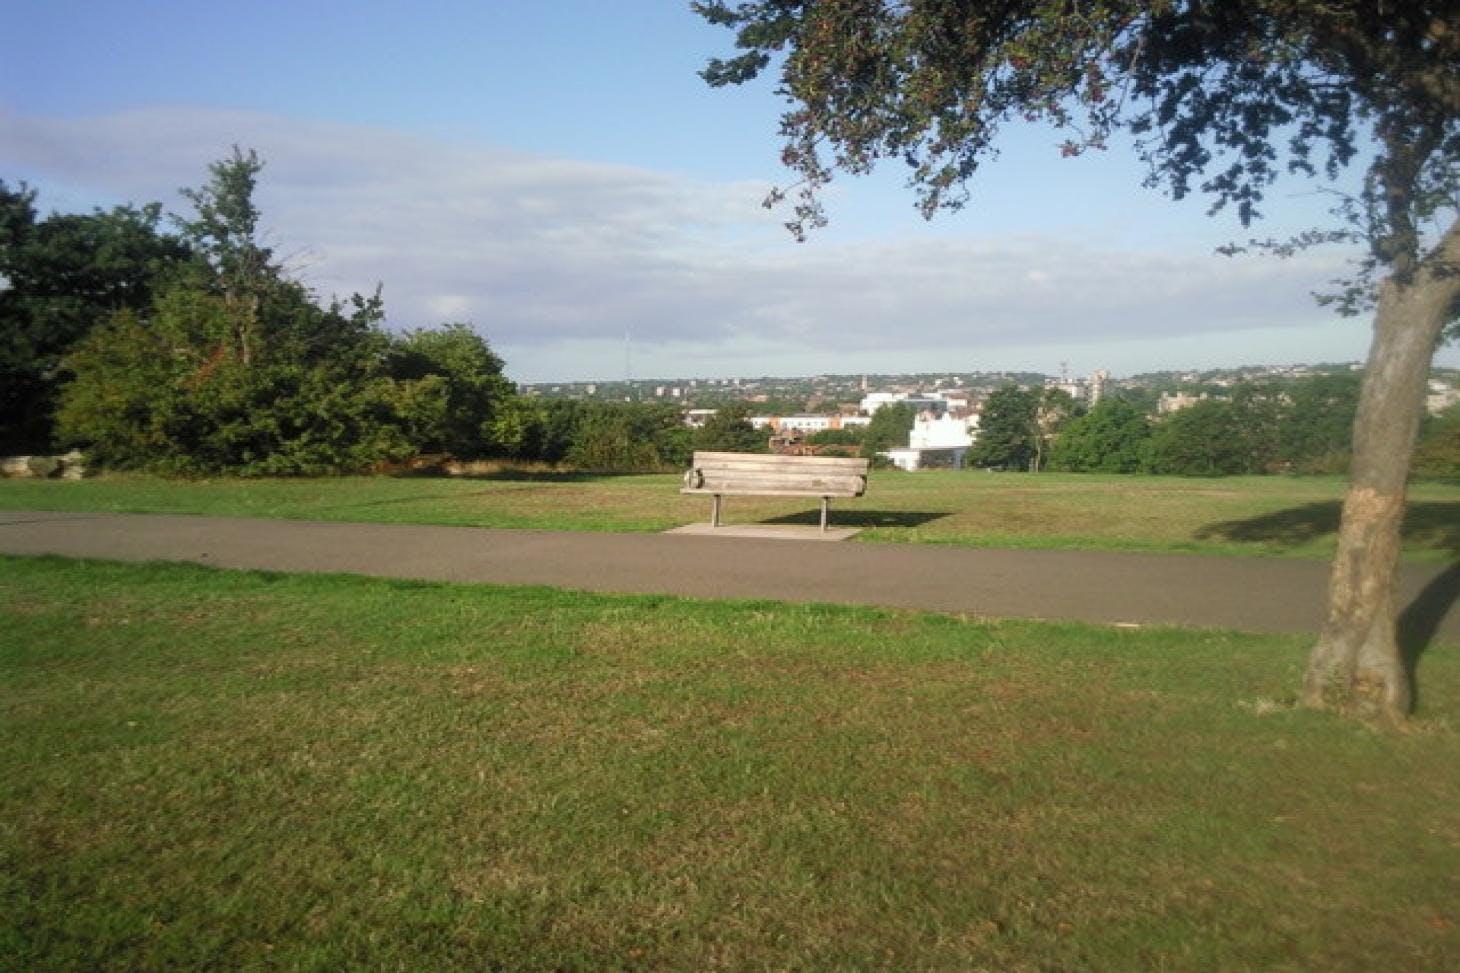 Mountsfield Park 11 a side | Grass football pitch